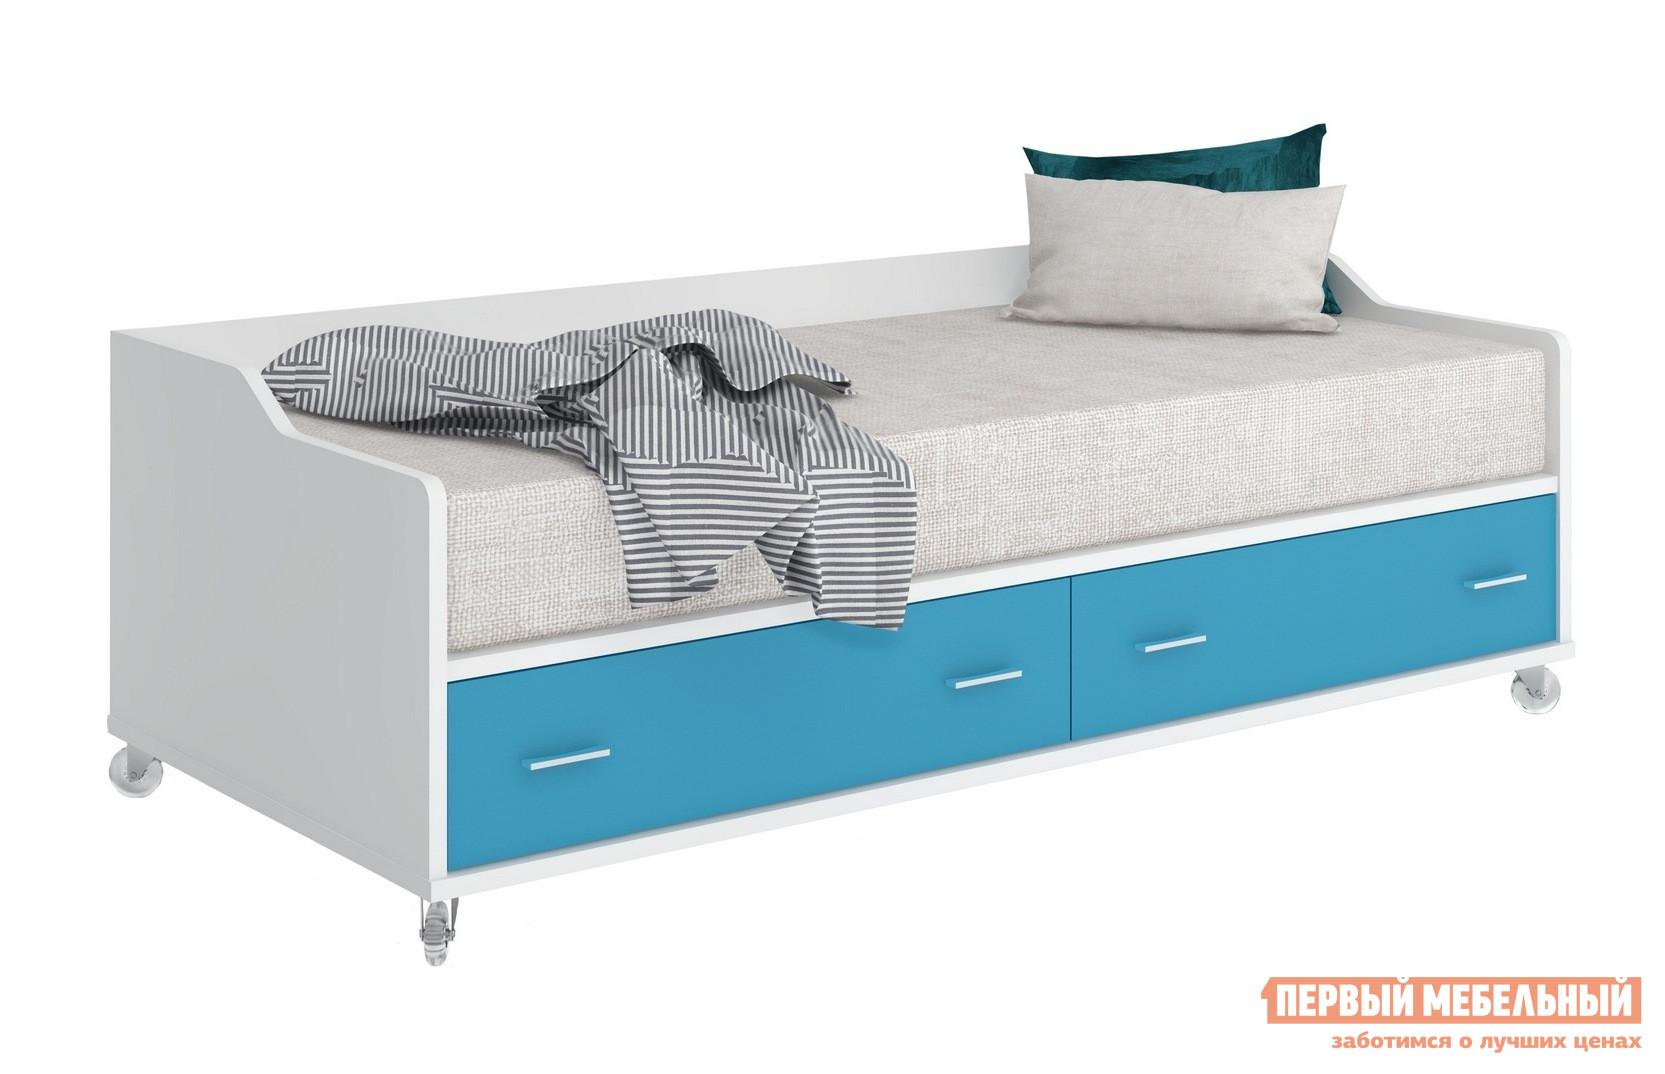 Детская кровать-тахта для ребенка Мэрдэс КР-5 цена